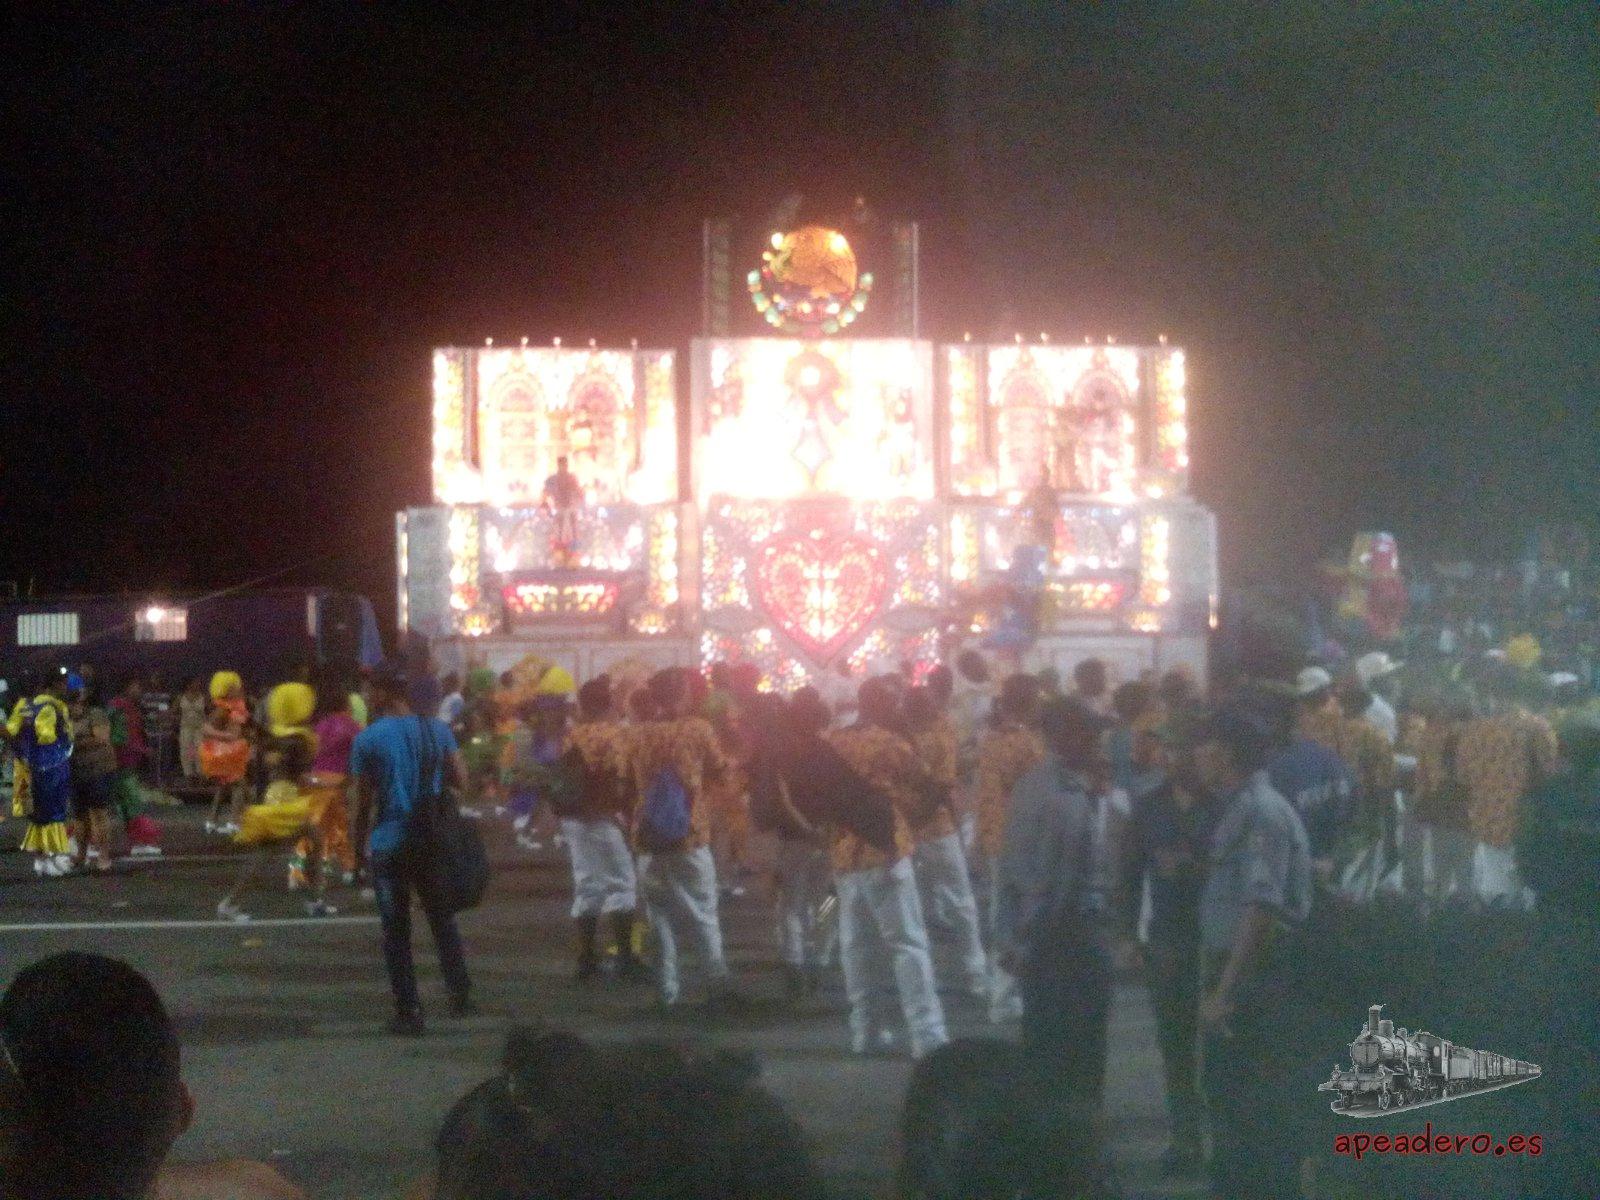 Desgraciadamente esta es la única foto que conservamos del carnaval de La Habana. Tiene una pésima calidad ya que la tomamos con la cámara, pues nos habían dicho que había muchos carteristas en el carnaval y, la verdad, creo que es más peligroso Valencia en fallas. Los cubanos son muy exagerados.